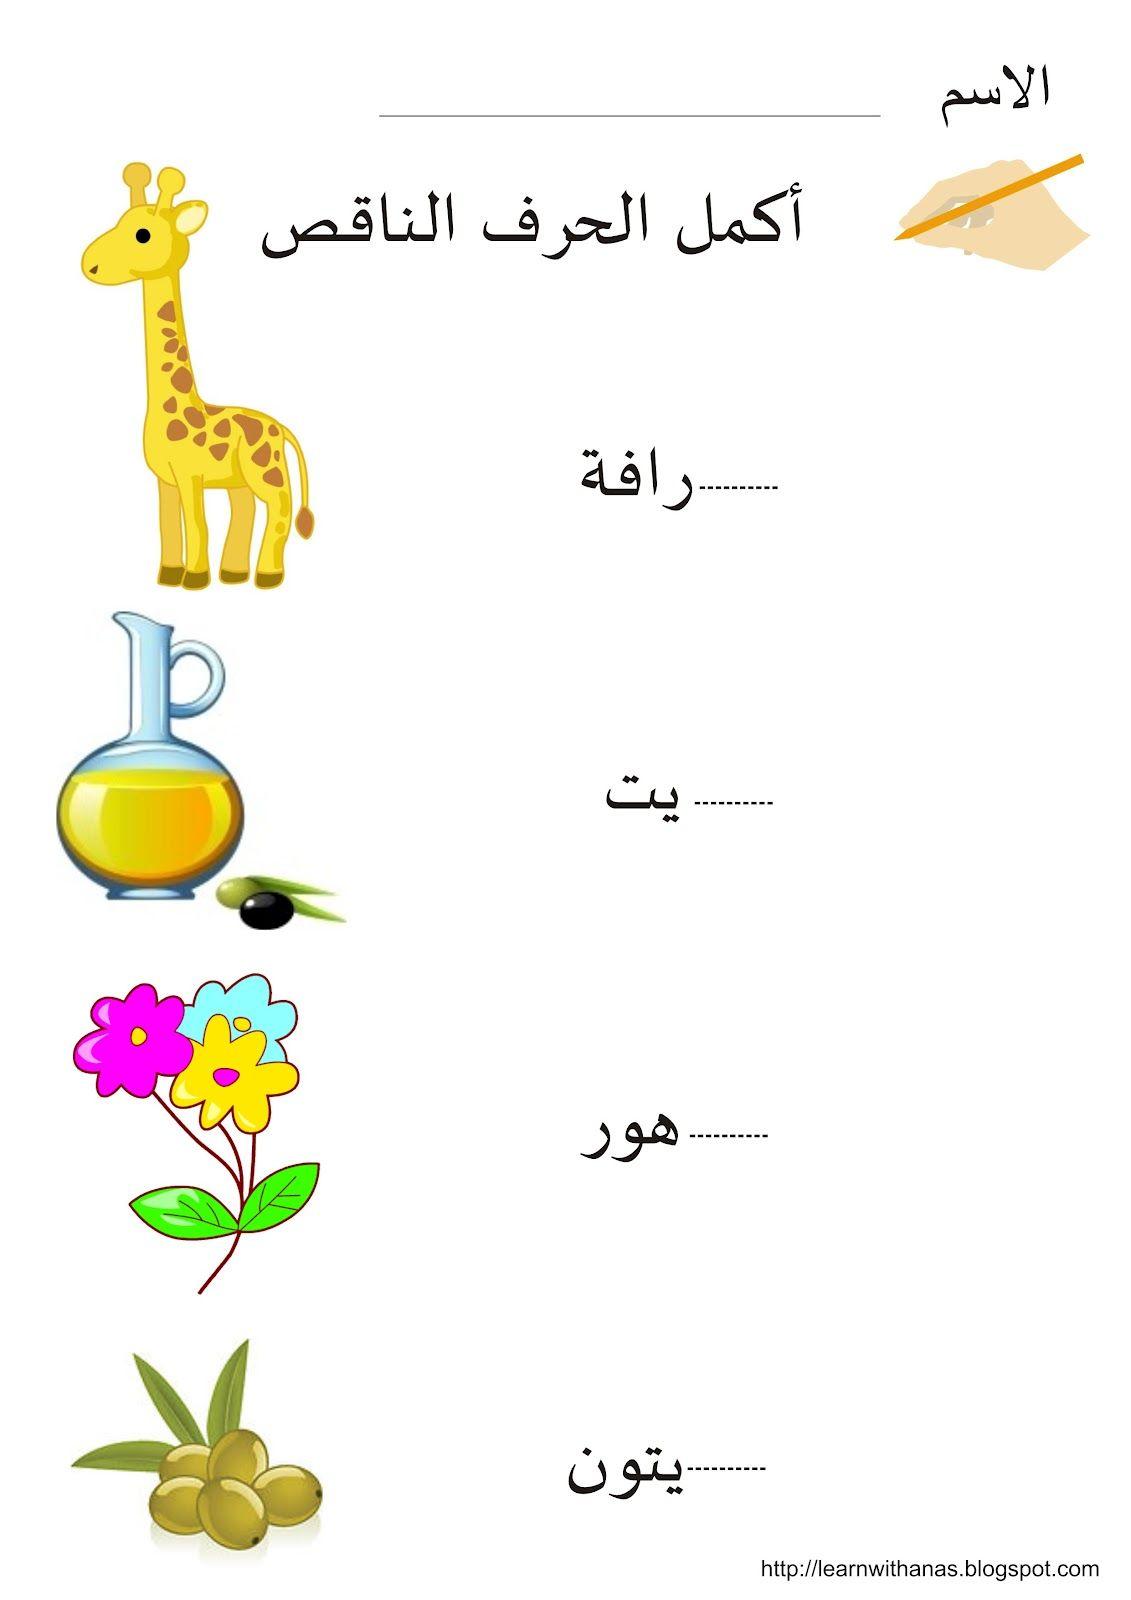 تعلم مع أنس أكتب وتتبع ولون الحرف ز Arabic Alphabet For Kids Learning Arabic Arabic Language